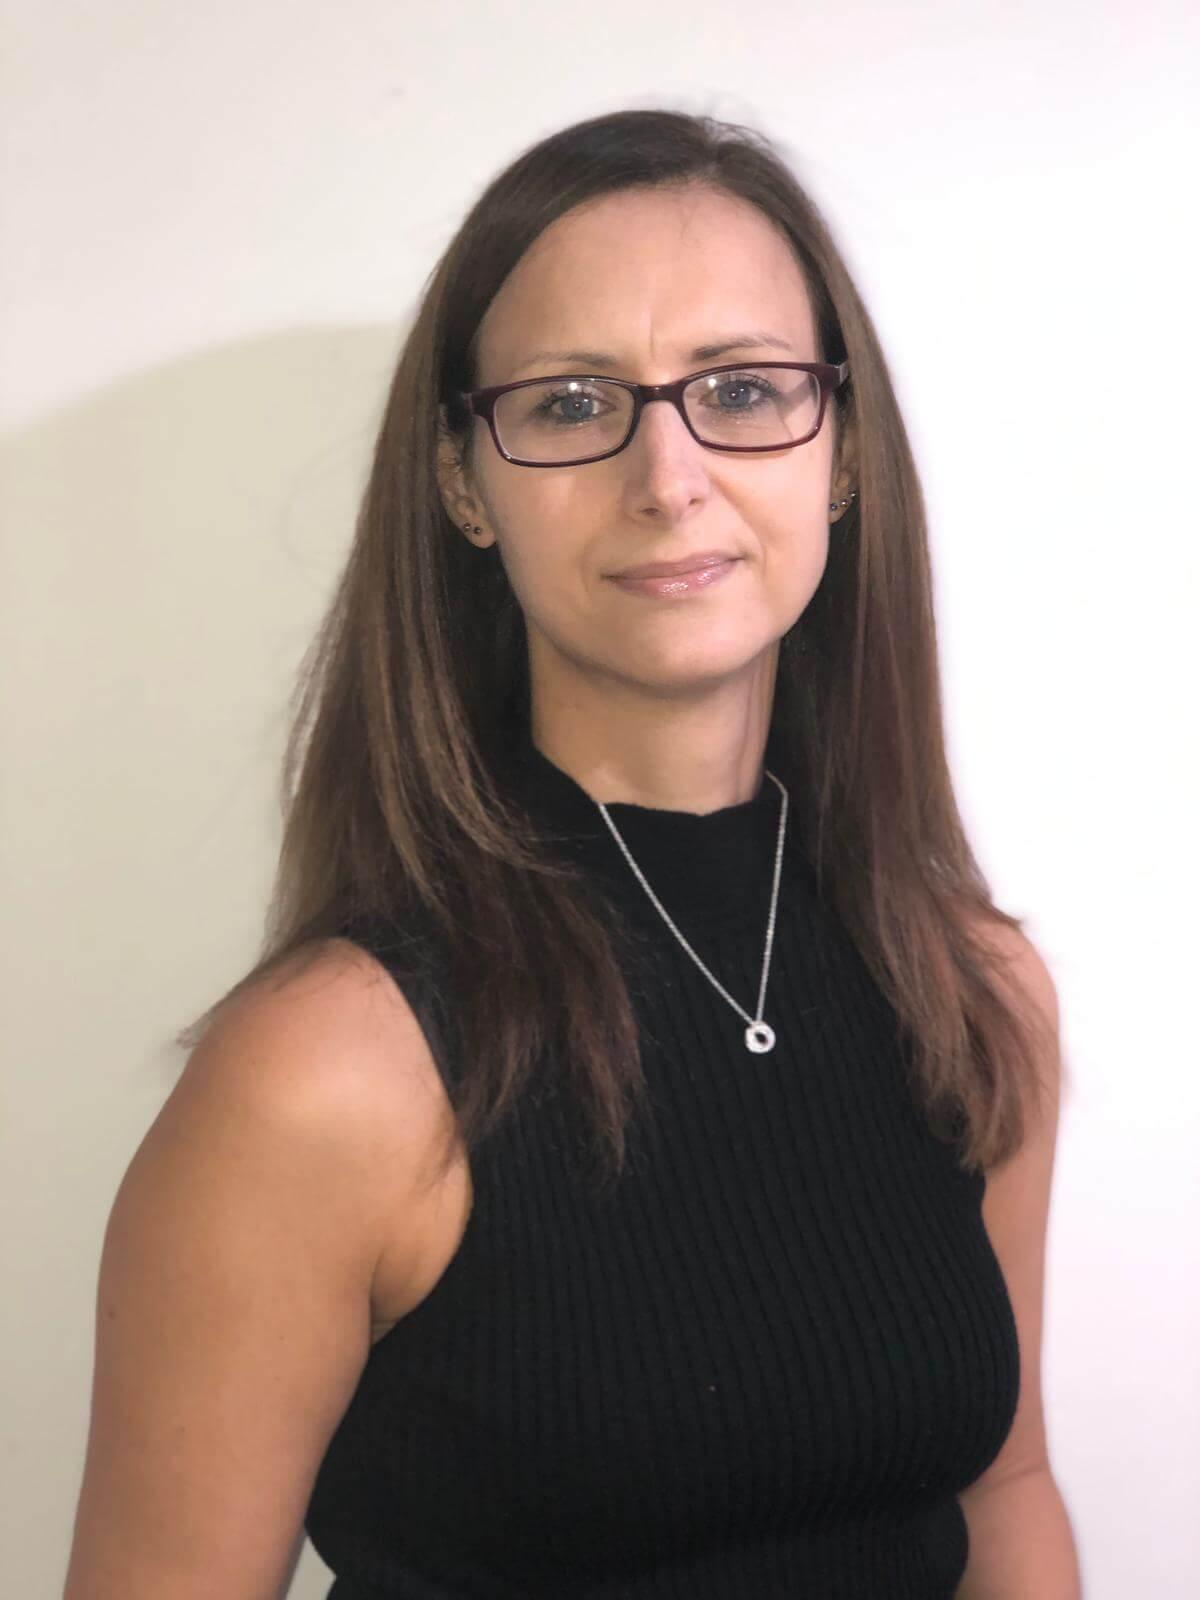 Karen Petrauskas